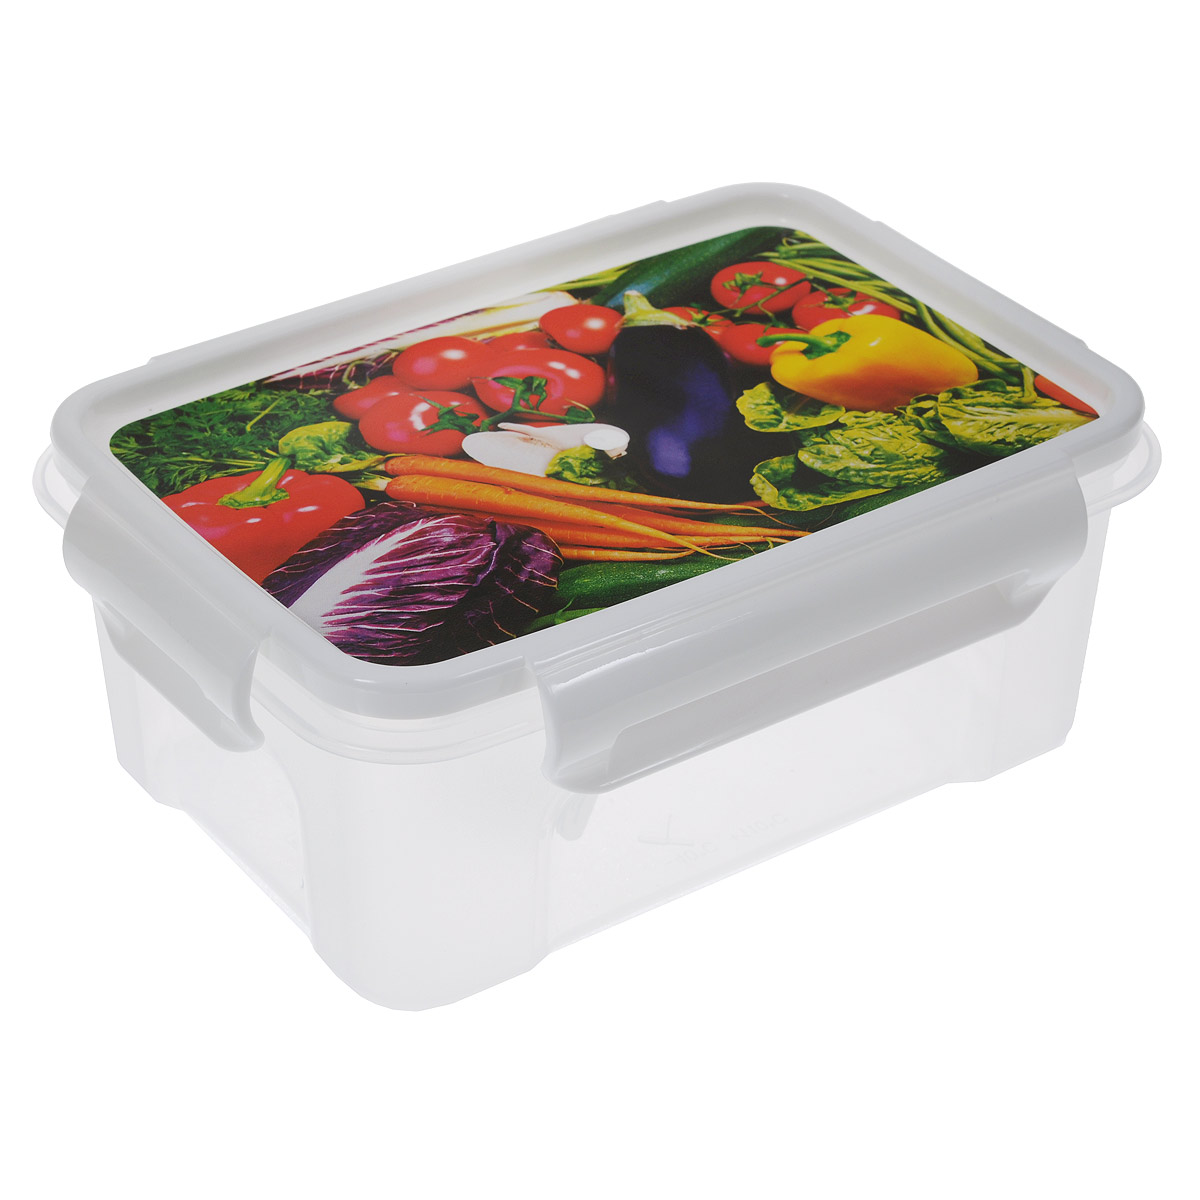 Контейнер Полимербыт Лок декор, 750 млС76101Контейнер Полимербыт Лок декор прямоугольной формы, изготовленный из прочного пластика, предназначен специально для хранения пищевых продуктов. Крышка, декорированная изображением овощей, легко открывается и плотно закрывается. Контейнер устойчив к воздействию масел и жиров, легко моется. Прозрачные стенки позволяют видеть содержимое. Контейнер имеет возможность хранения продуктов глубокой заморозки, обладает высокой прочностью.Можно мыть в посудомоечной машине. Подходит для использования в микроволновых печах.